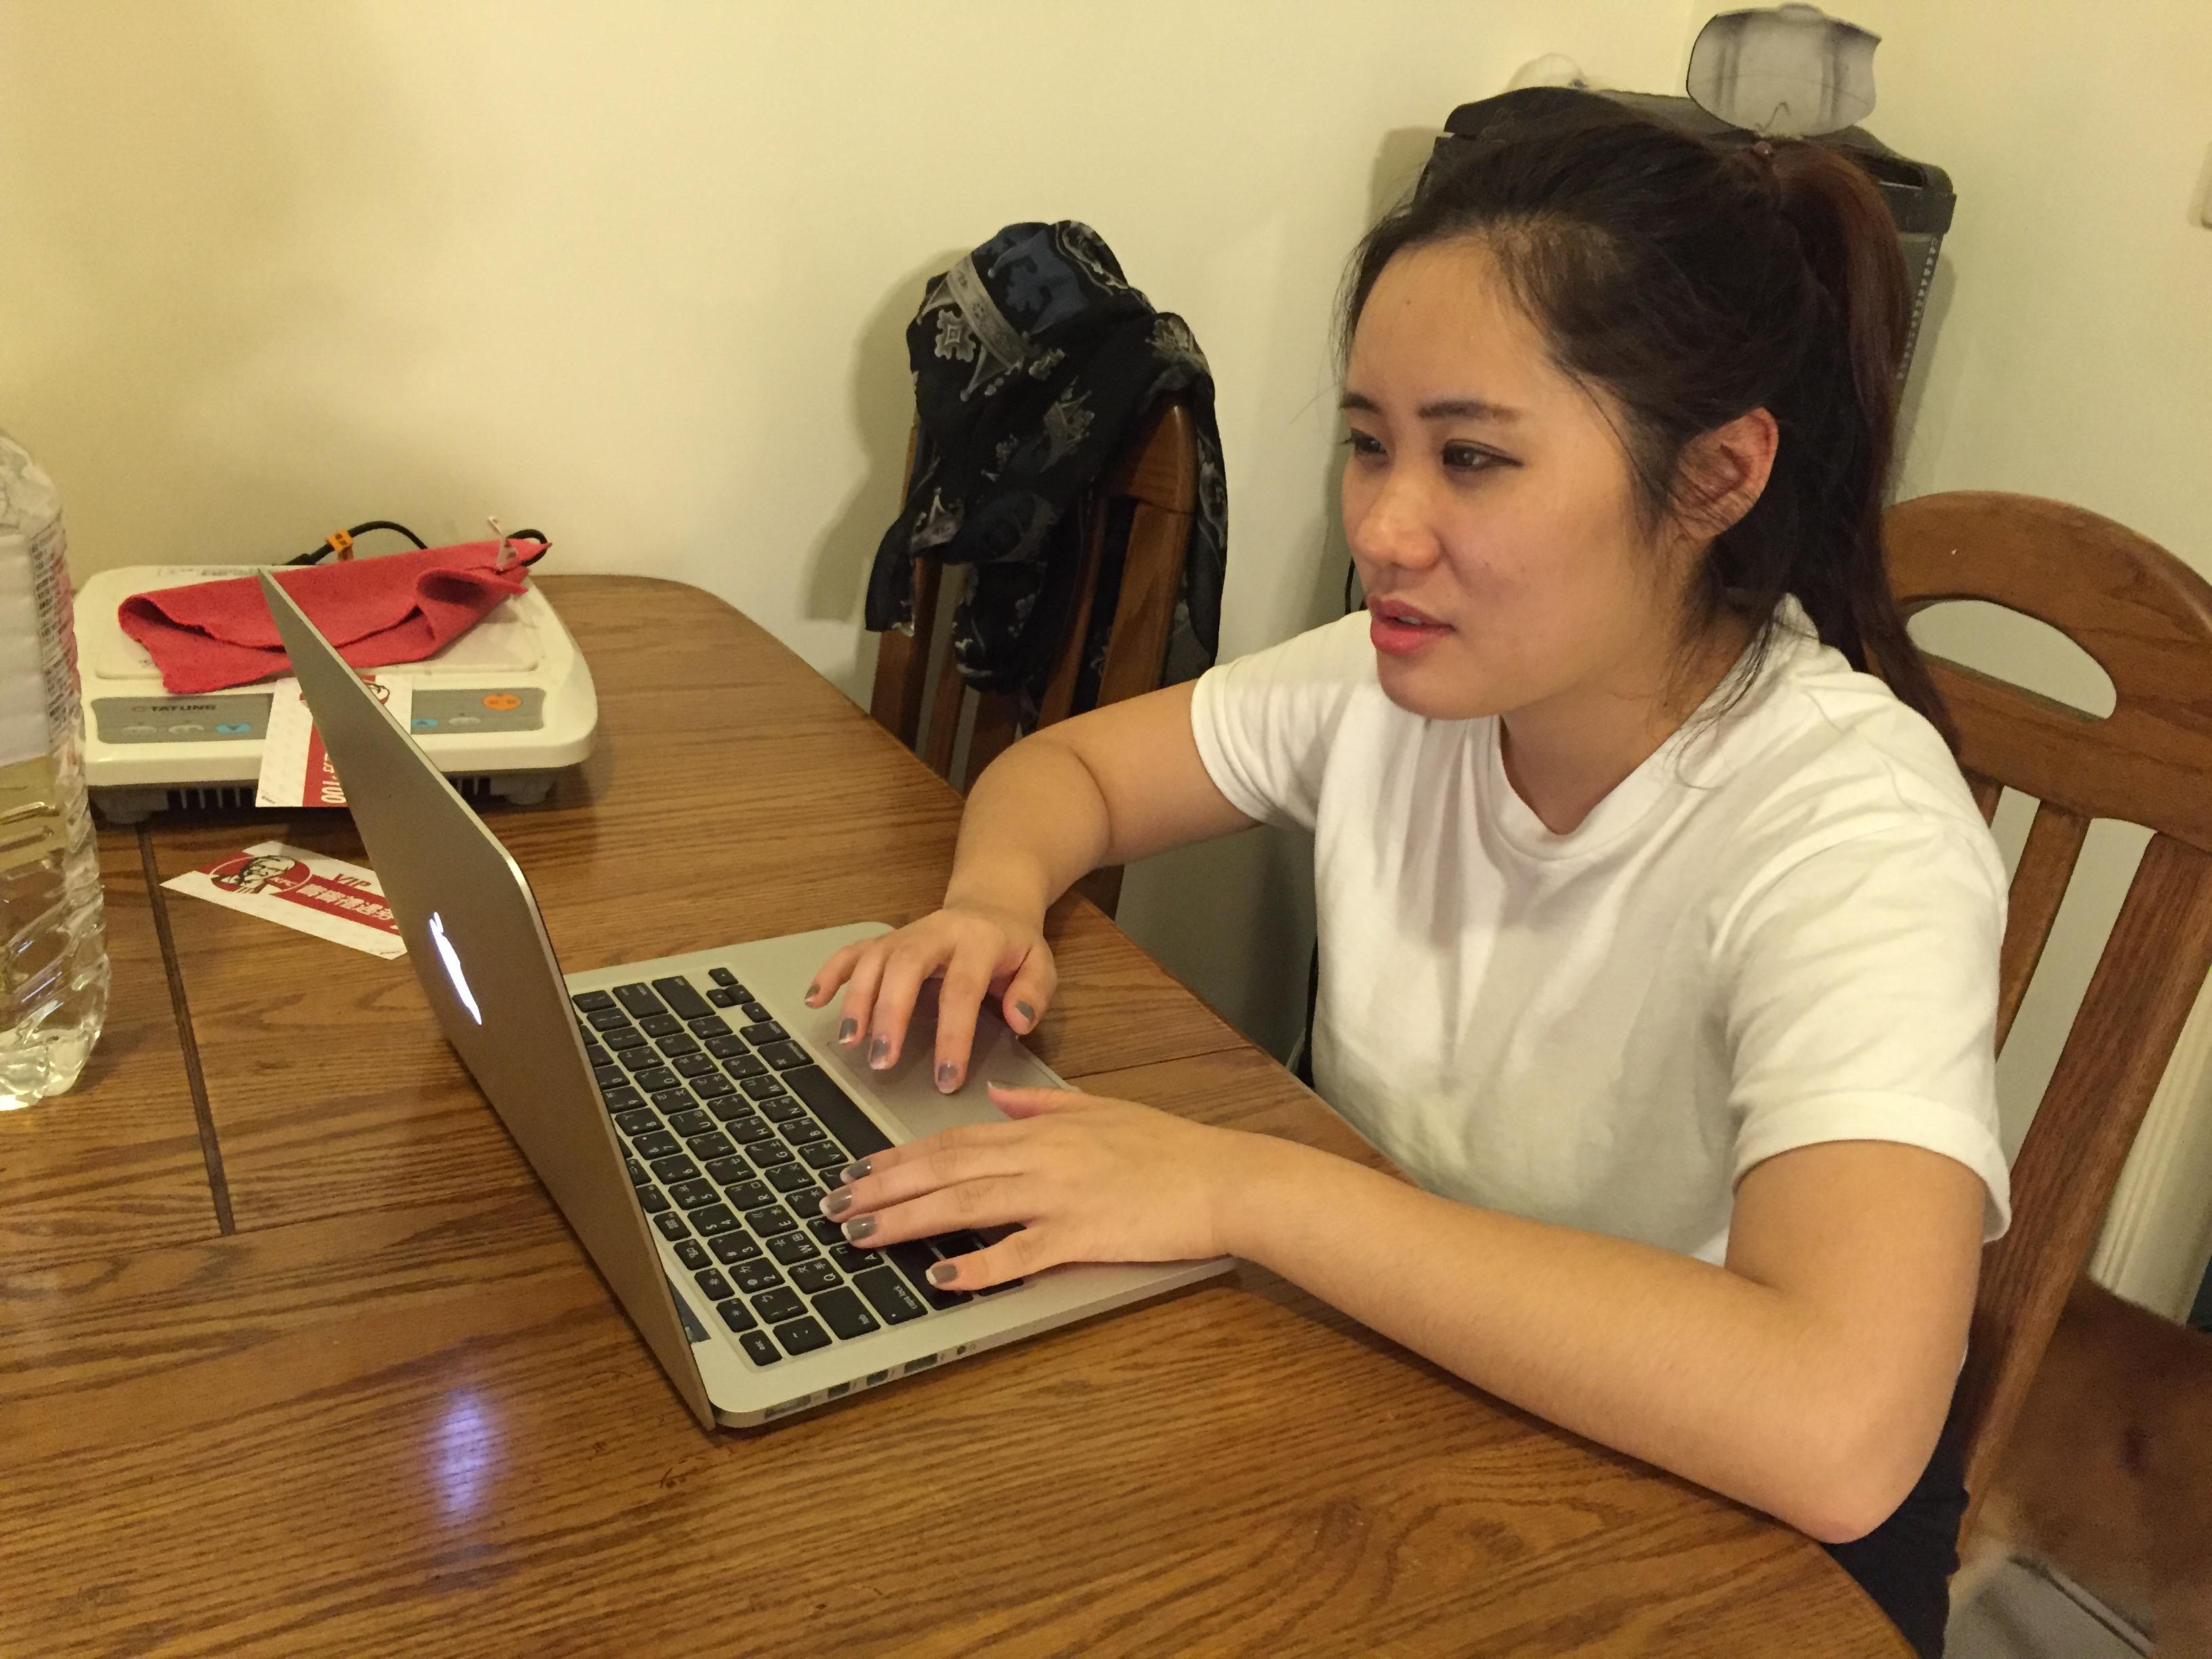 工作繁忙,賴小姐利用下課時間趕報告。攝影/蔡秉均